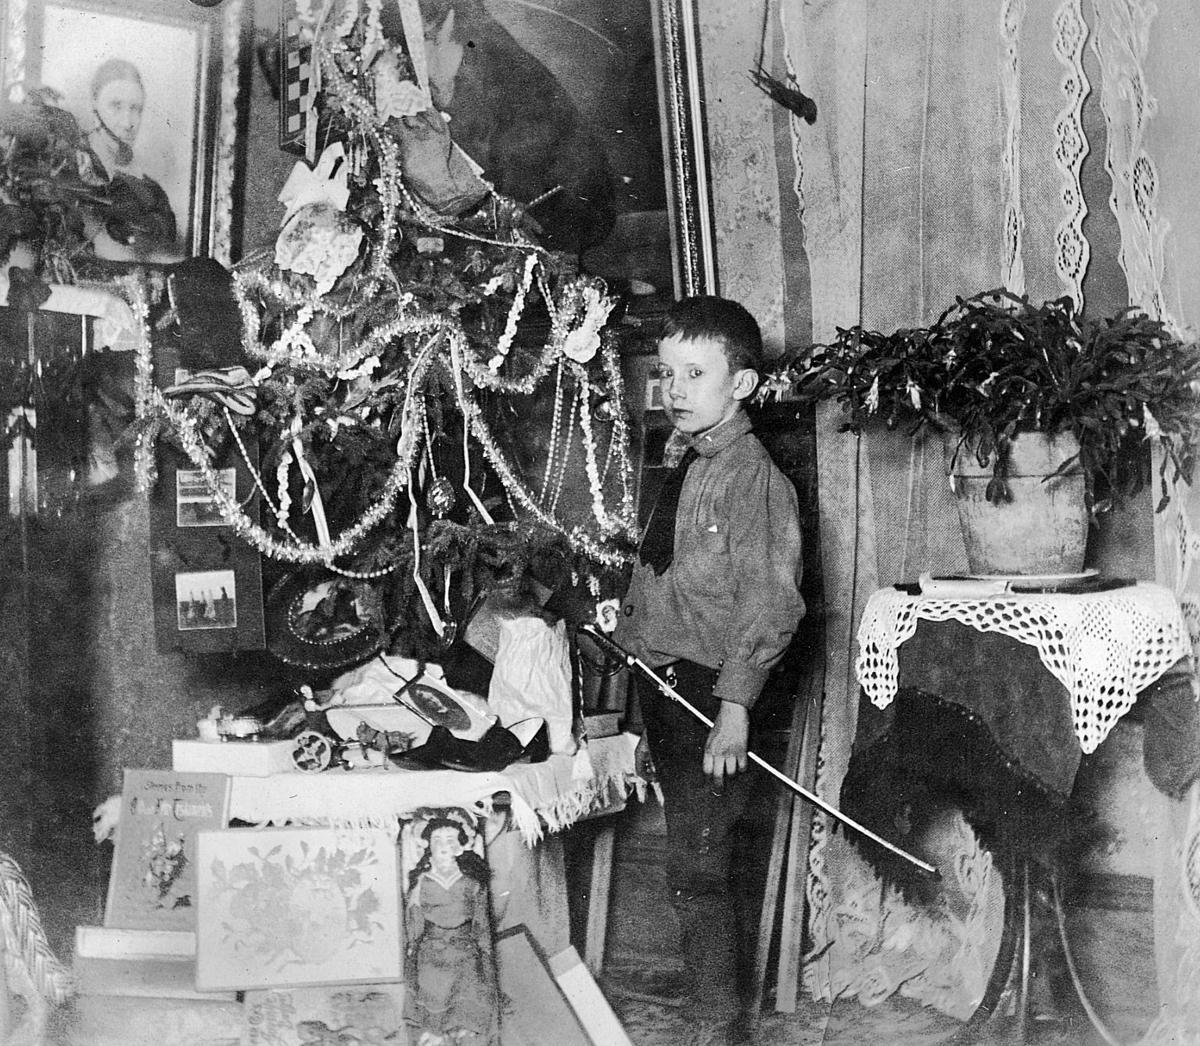 Glan and Christmas tree